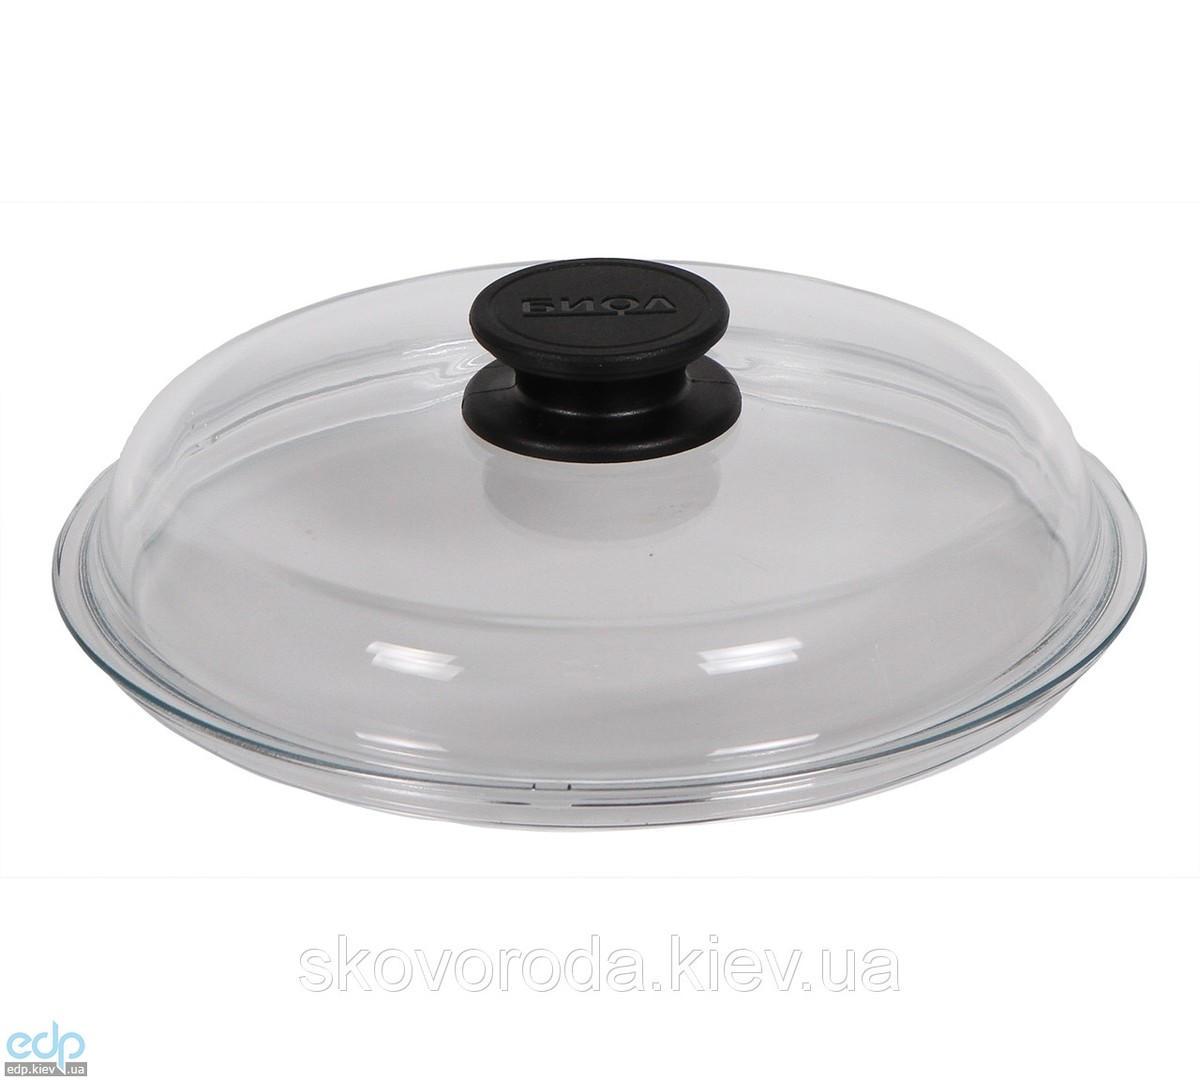 Биол - Крышка высокая диаметр 22 см (220ВДС)